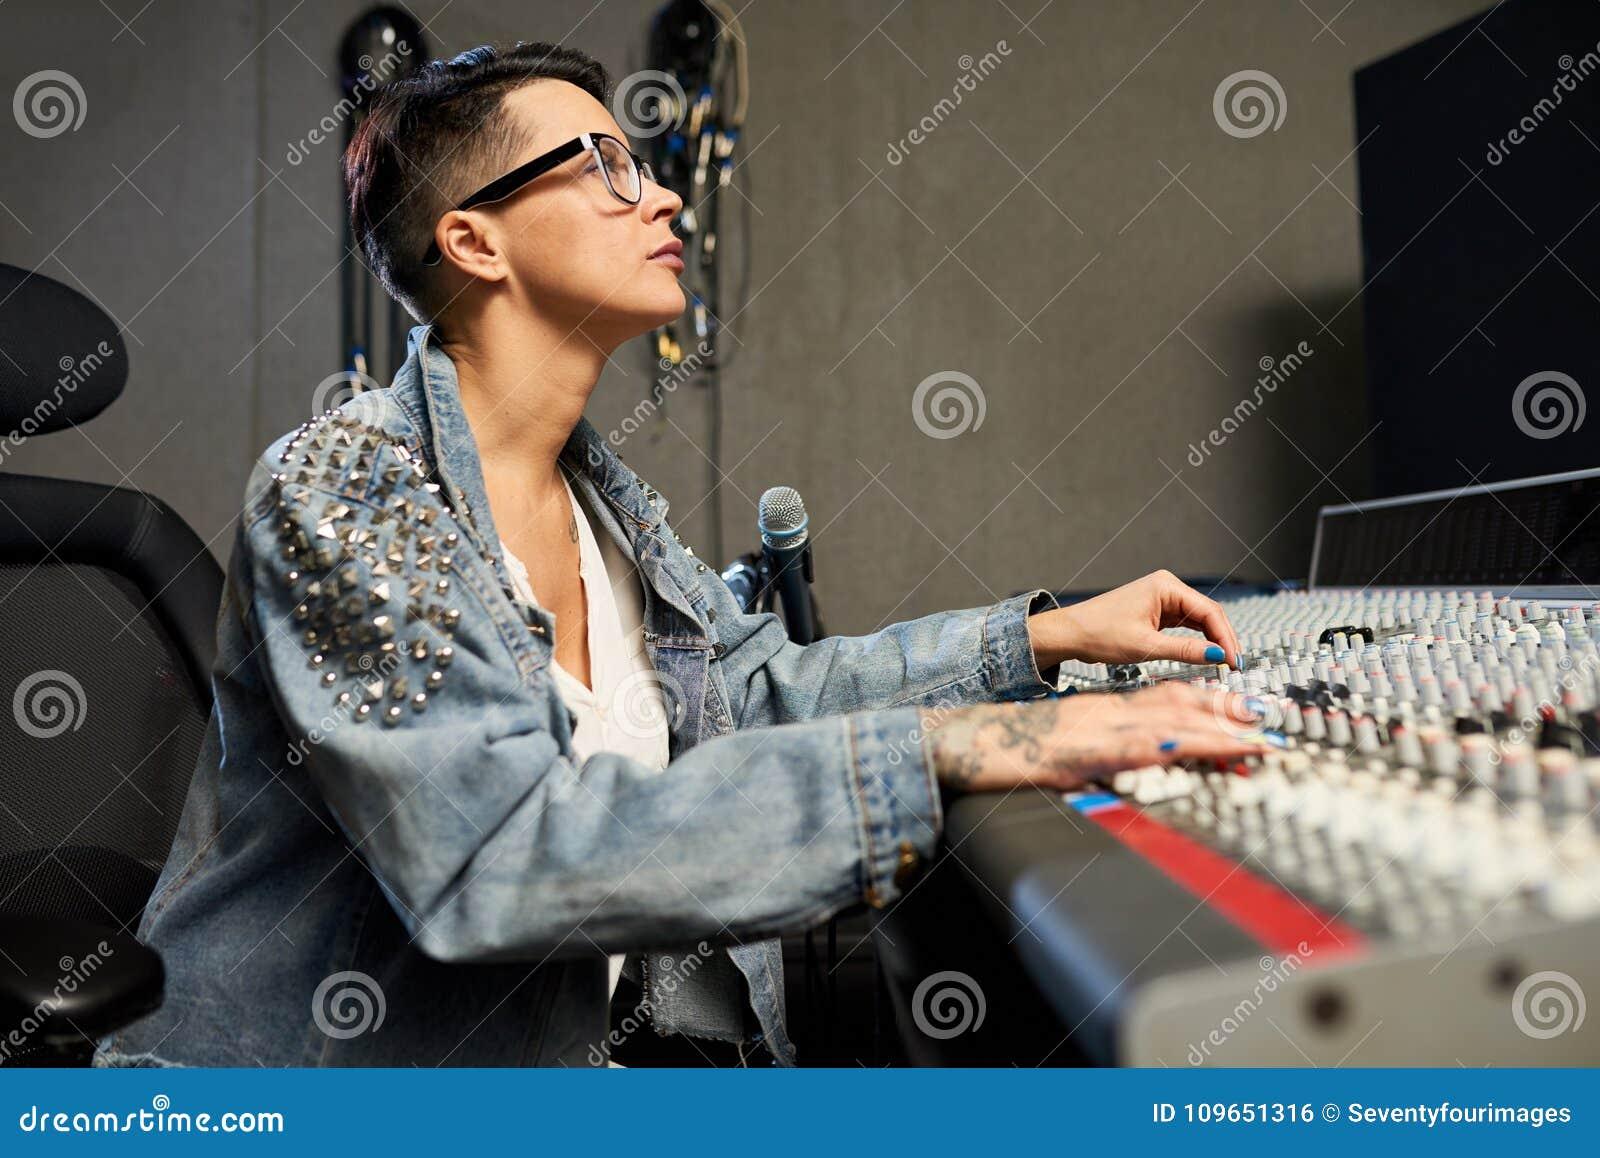 Upptagen kvinnlig ljudsignal tekniker som arbetar i inspelningstudio